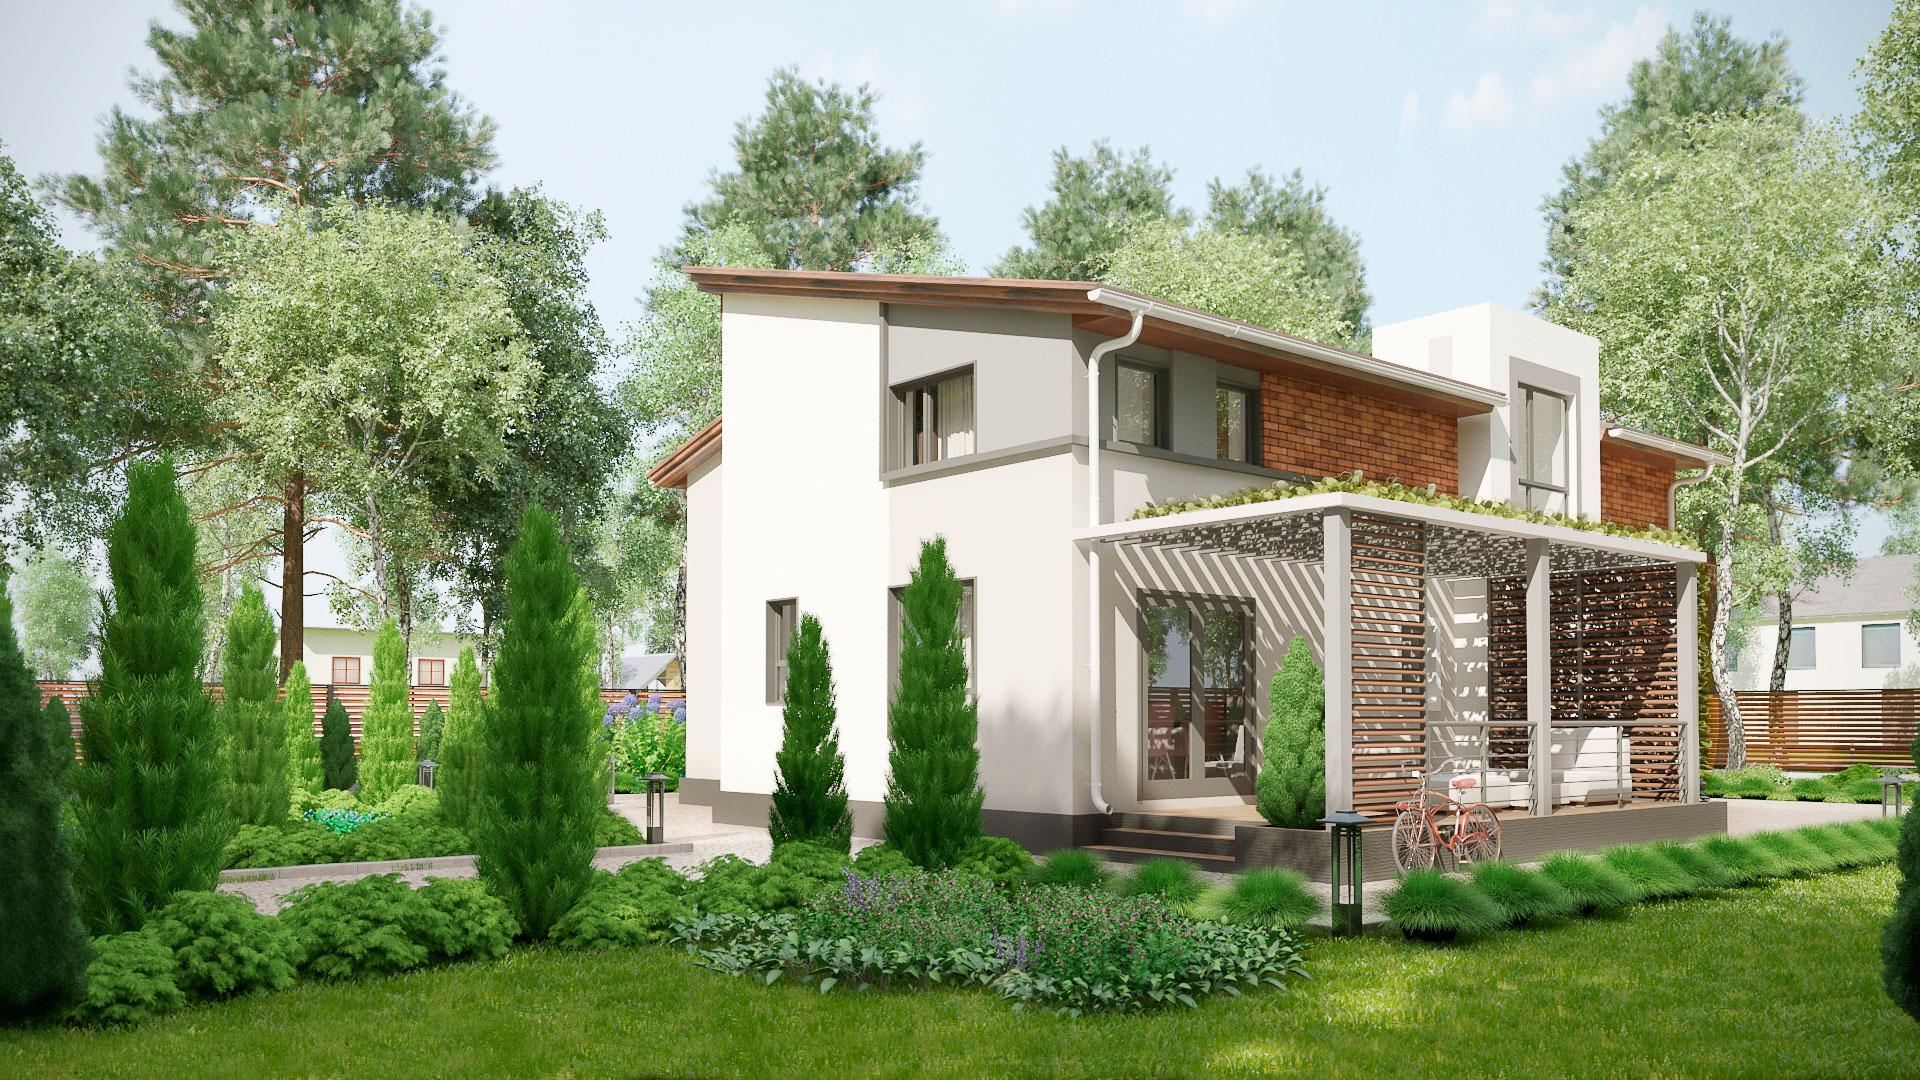 Боковой фасад двухэтажного коттеджа БЭНПАН, проект МС-253.